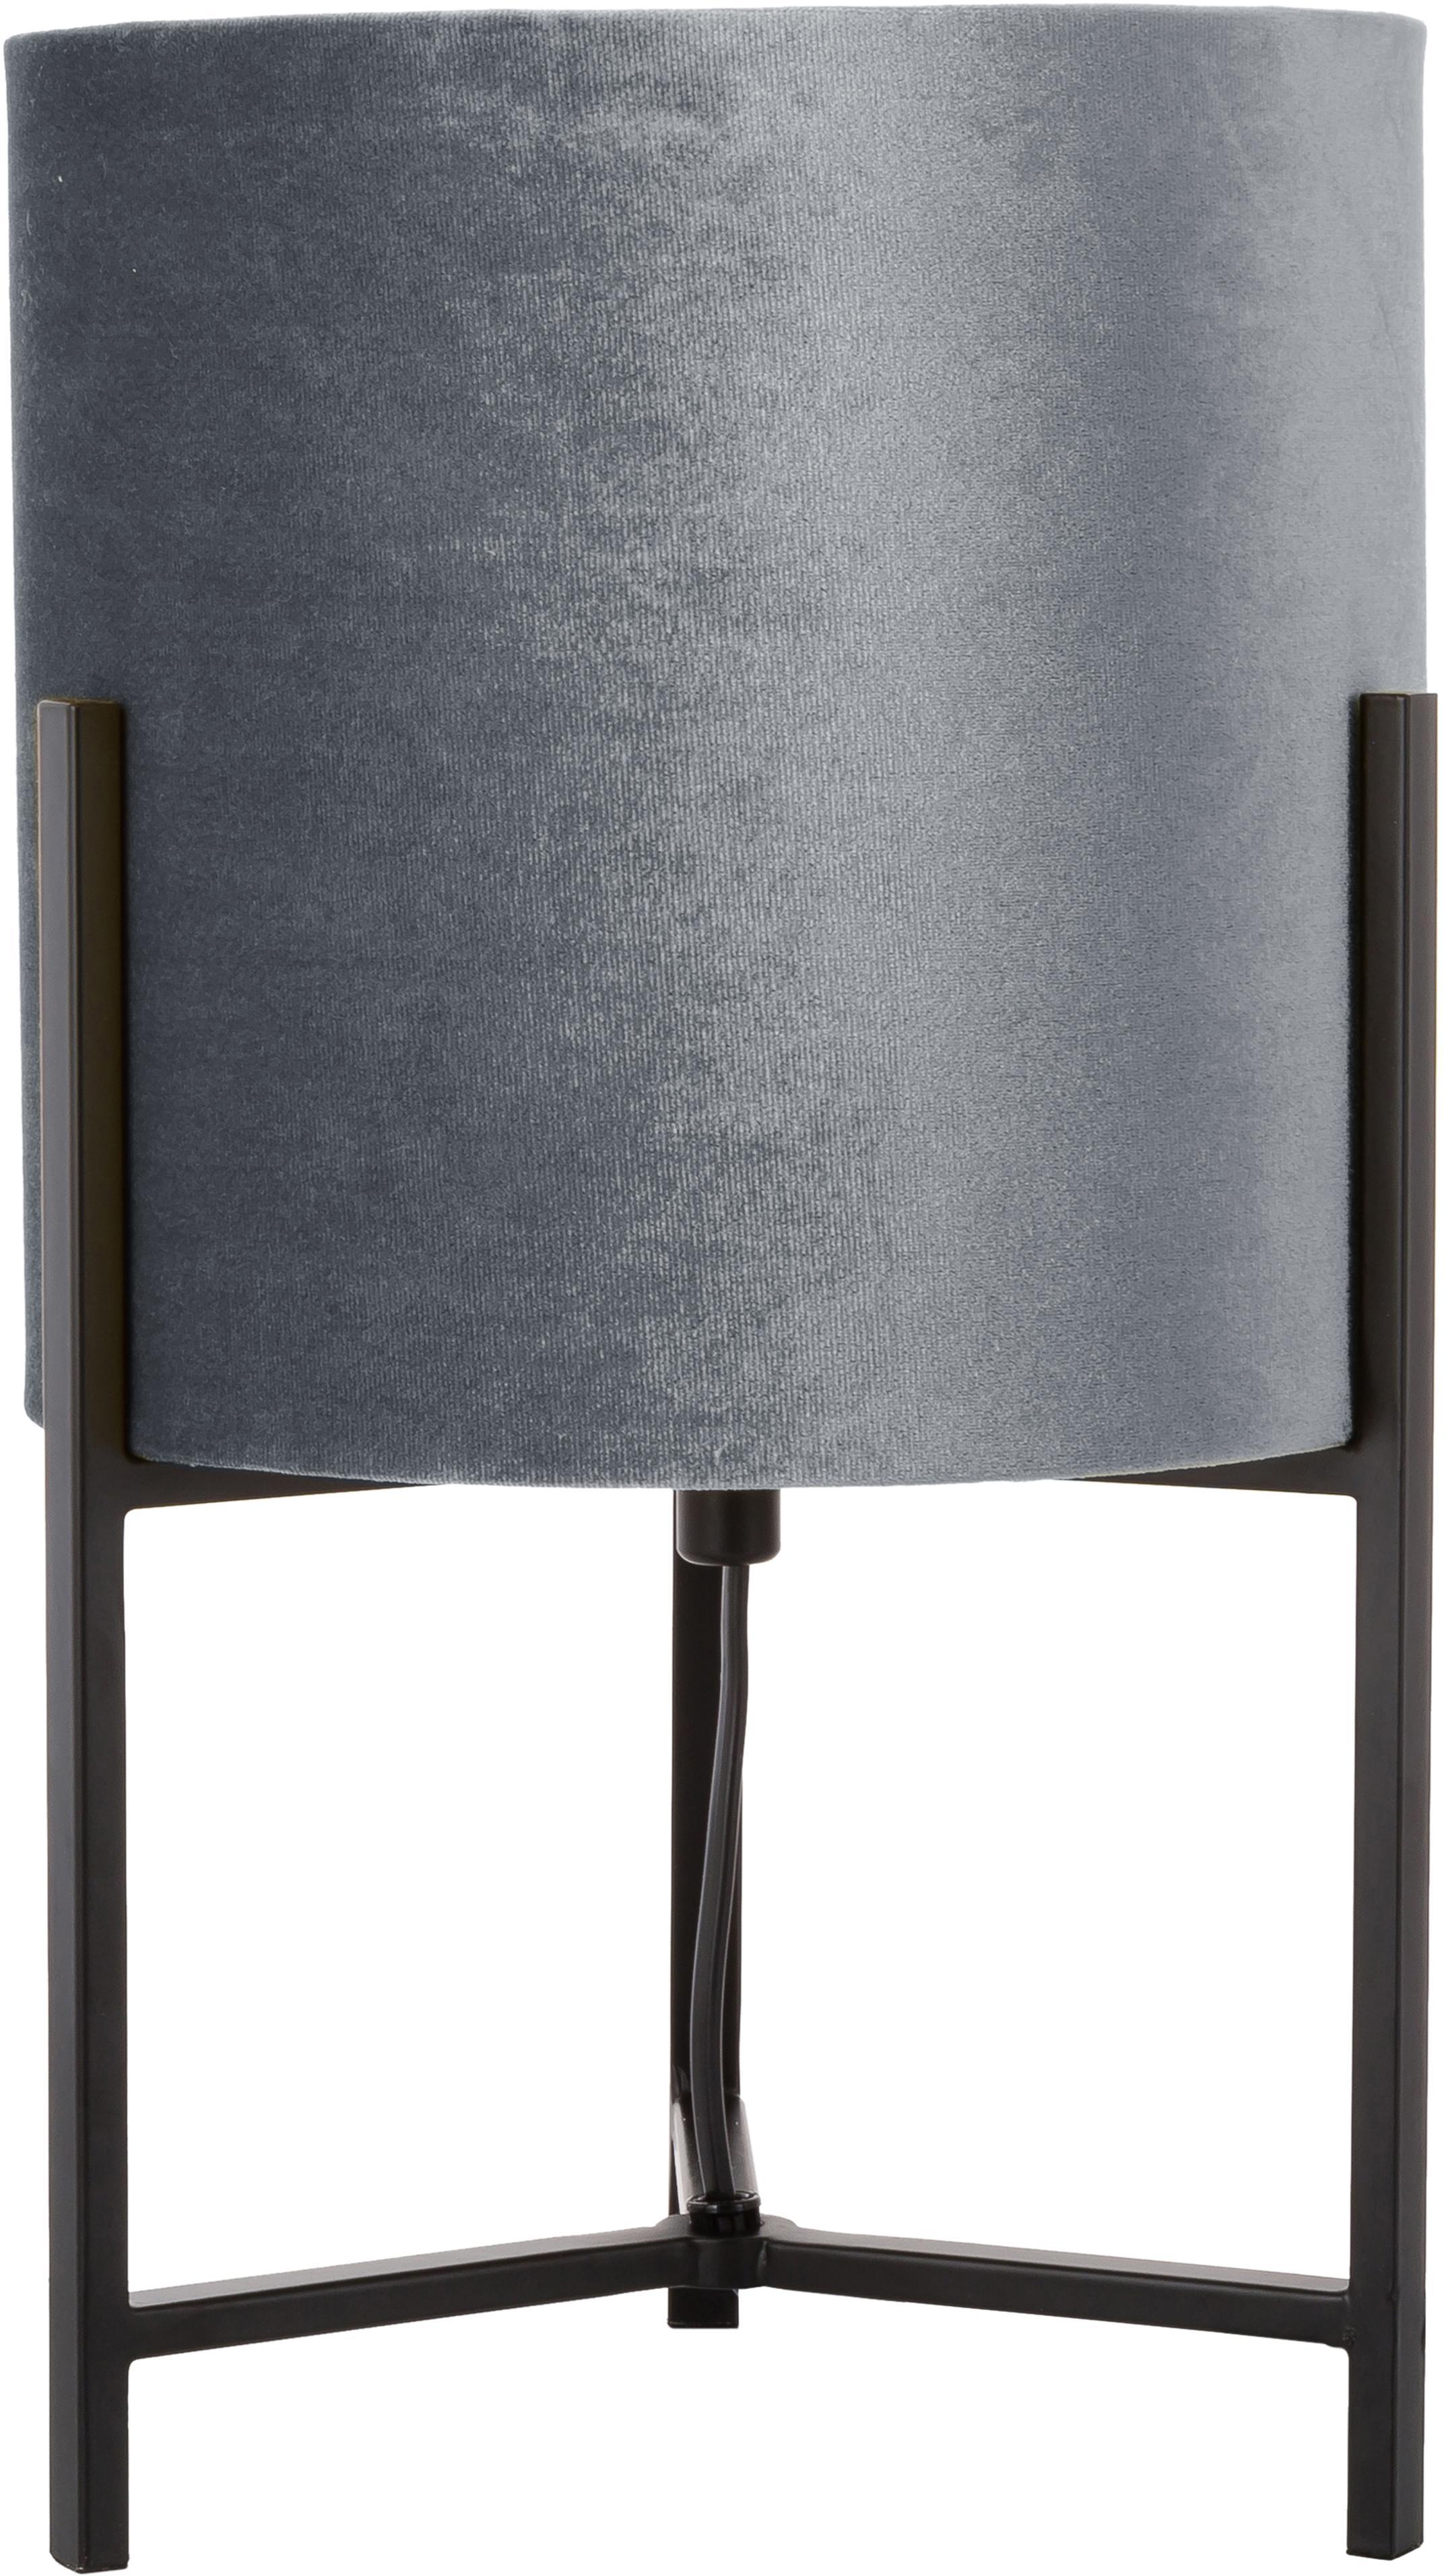 Samt-Tischleuchte Piper, Lampenschirm: Polyestersamt, Lampenschirm: GrauLampenfuß: Schwarz, matt, Ø 22 x H 38 cm